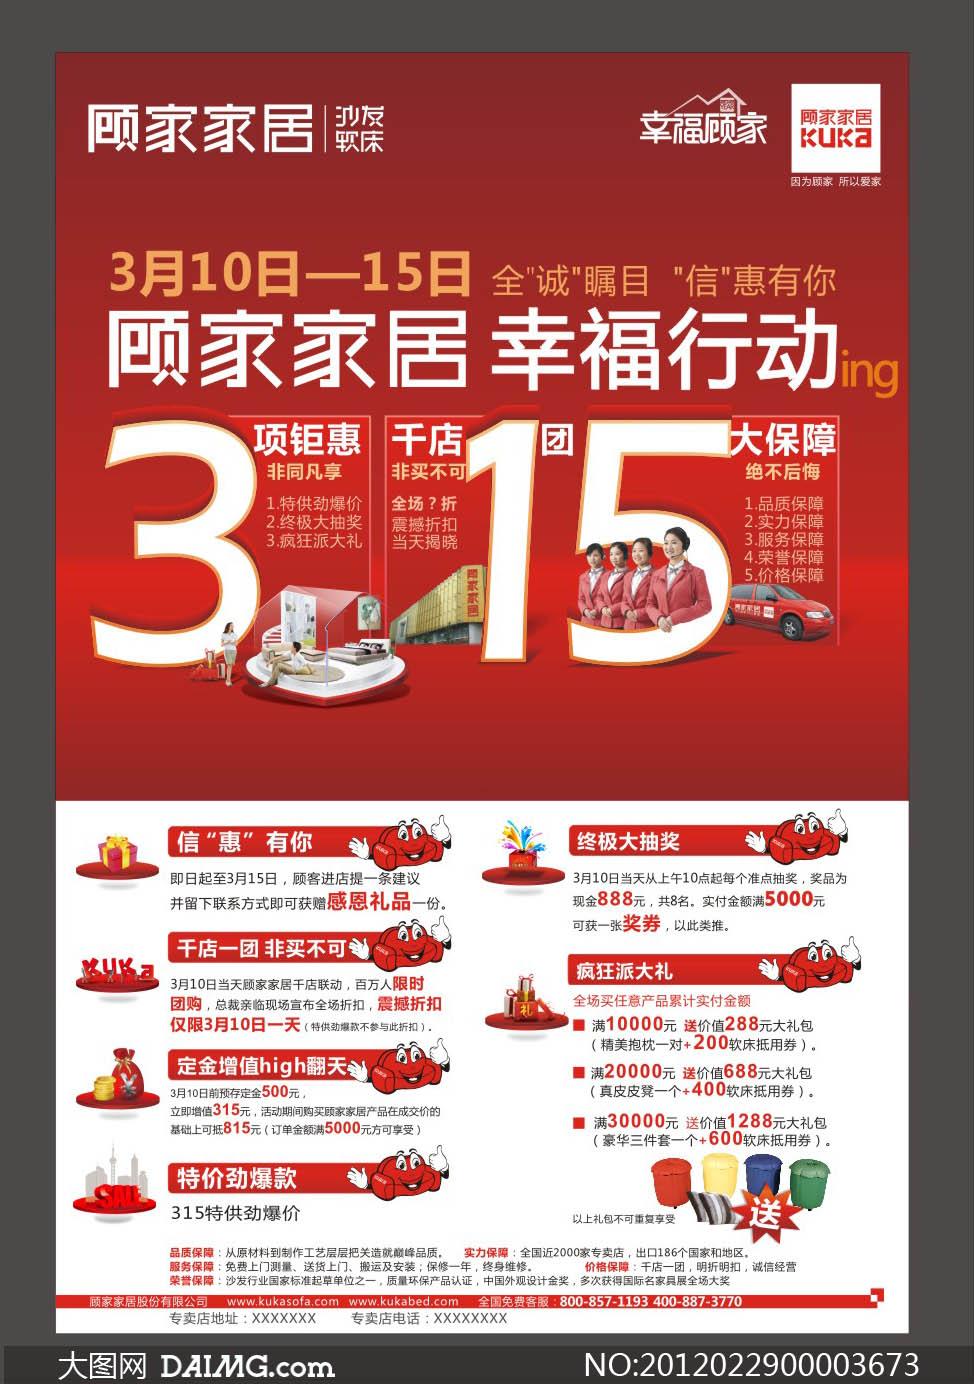 315活动报纸广告设计矢量素材